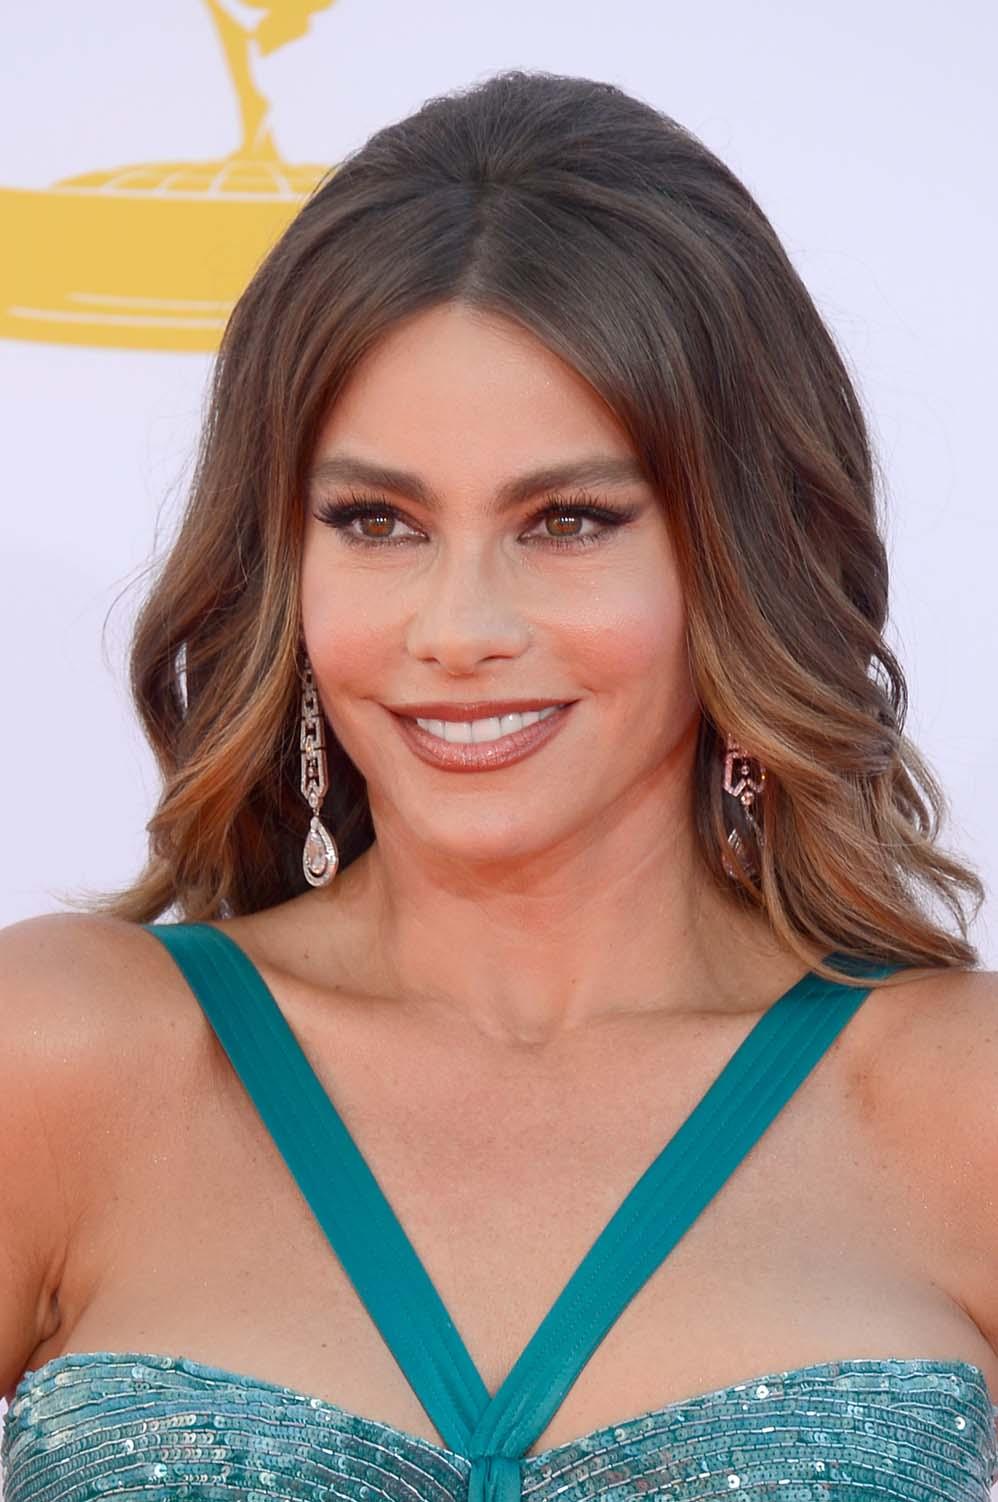 Sofia Vergara se robó el show en la noche de los Emmys